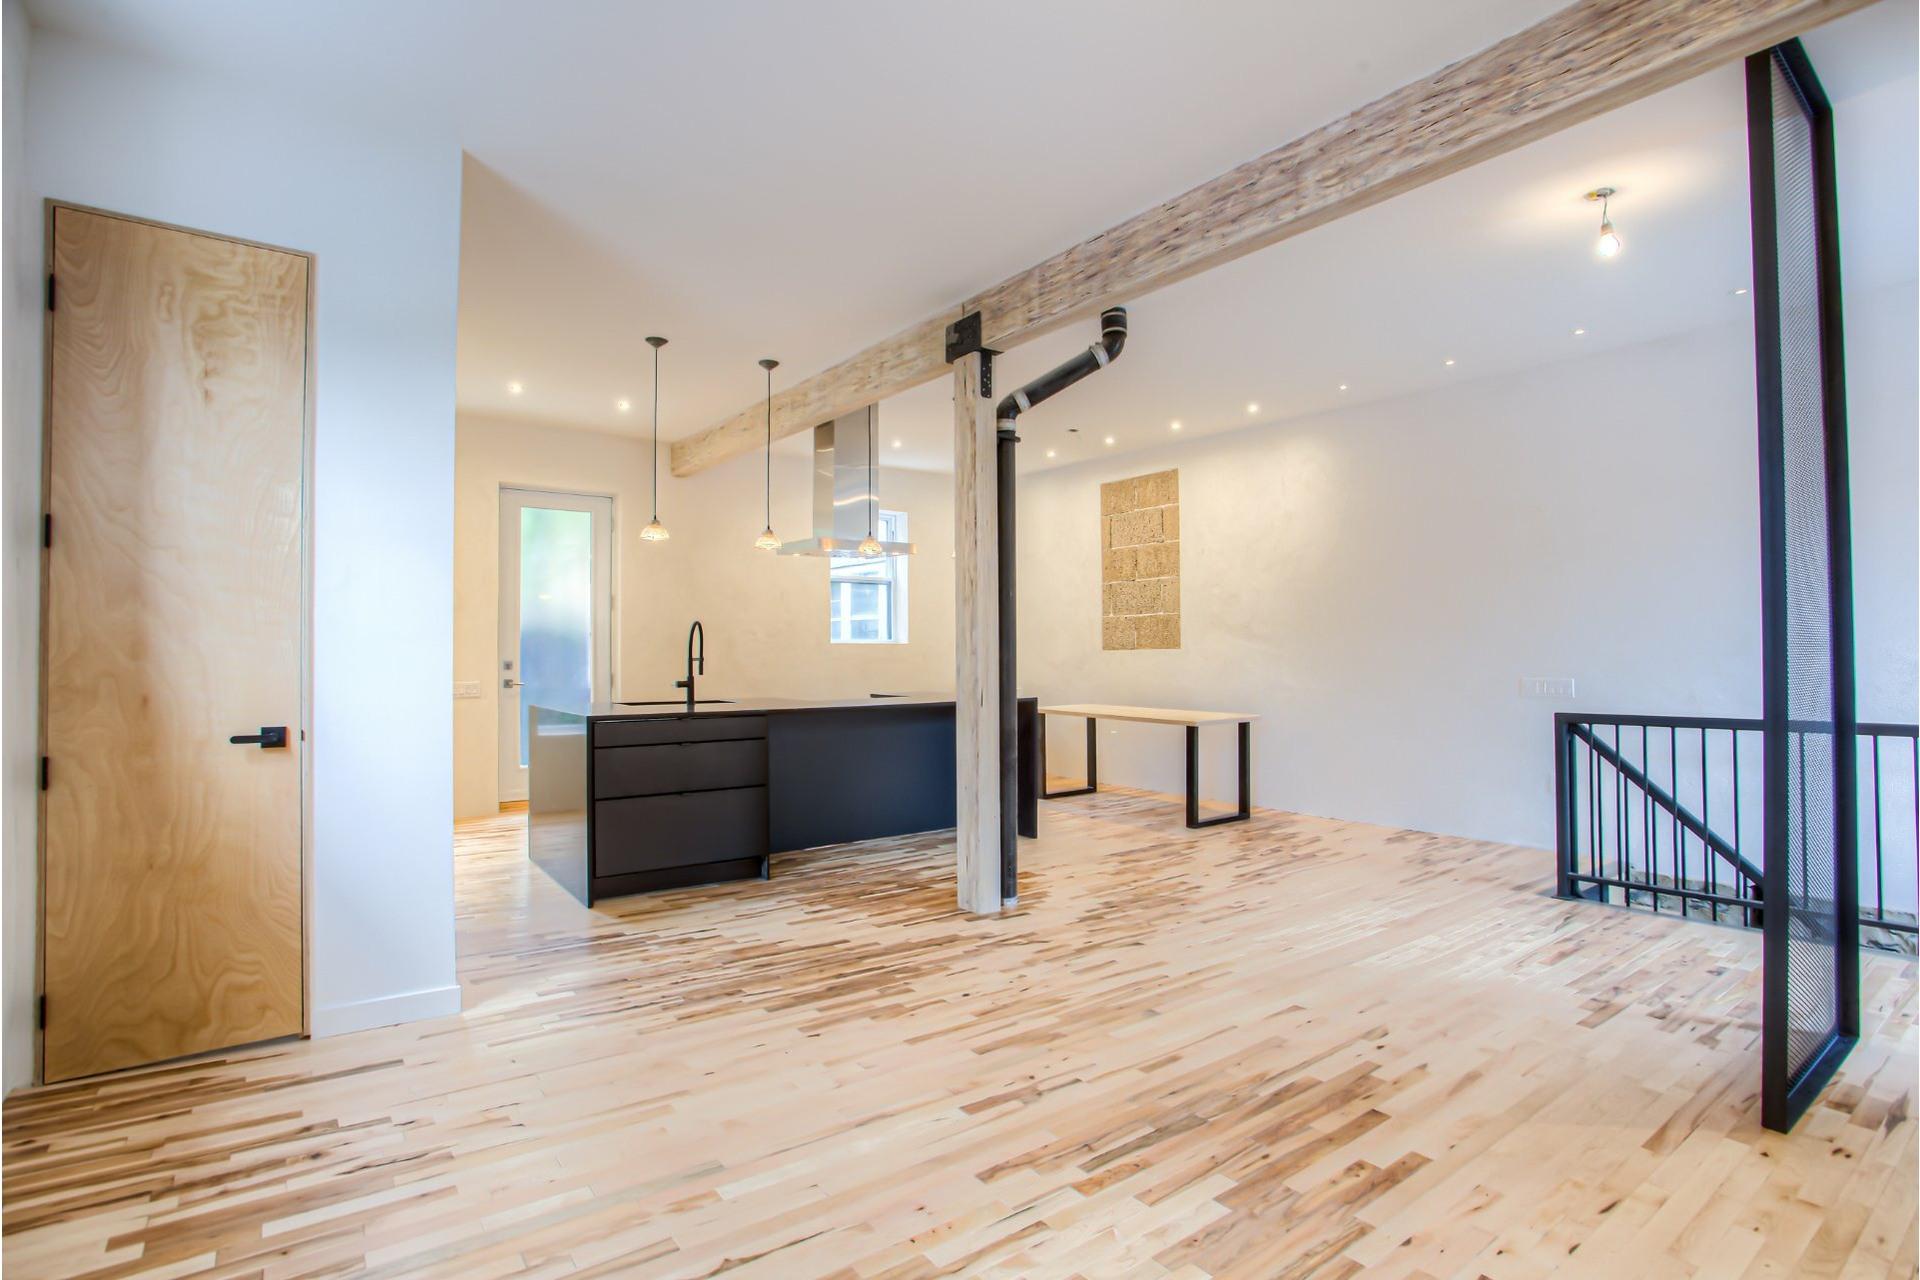 image 11 - Duplex À vendre Mercier/Hochelaga-Maisonneuve Montréal  - 4 pièces